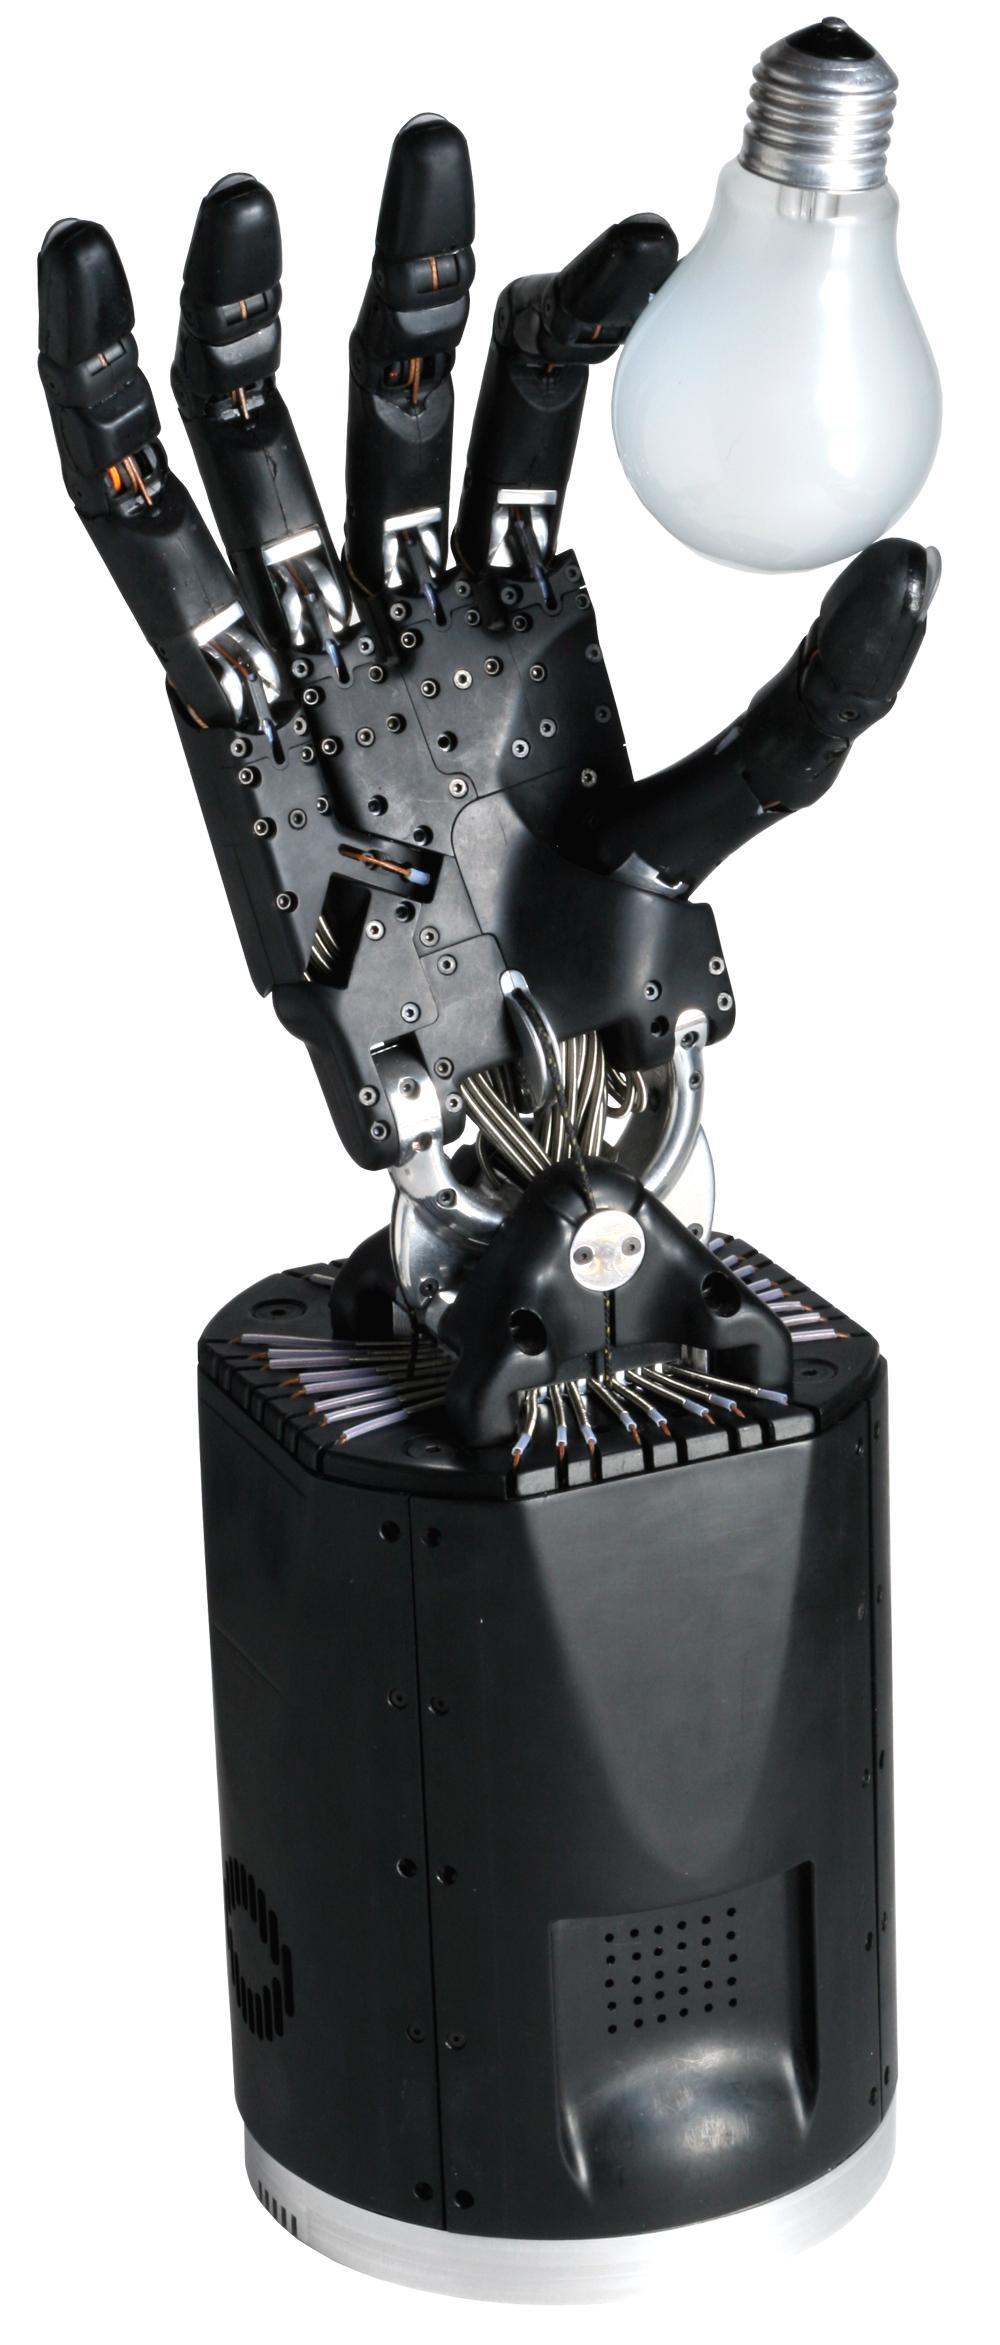 The Best Robotic Hands